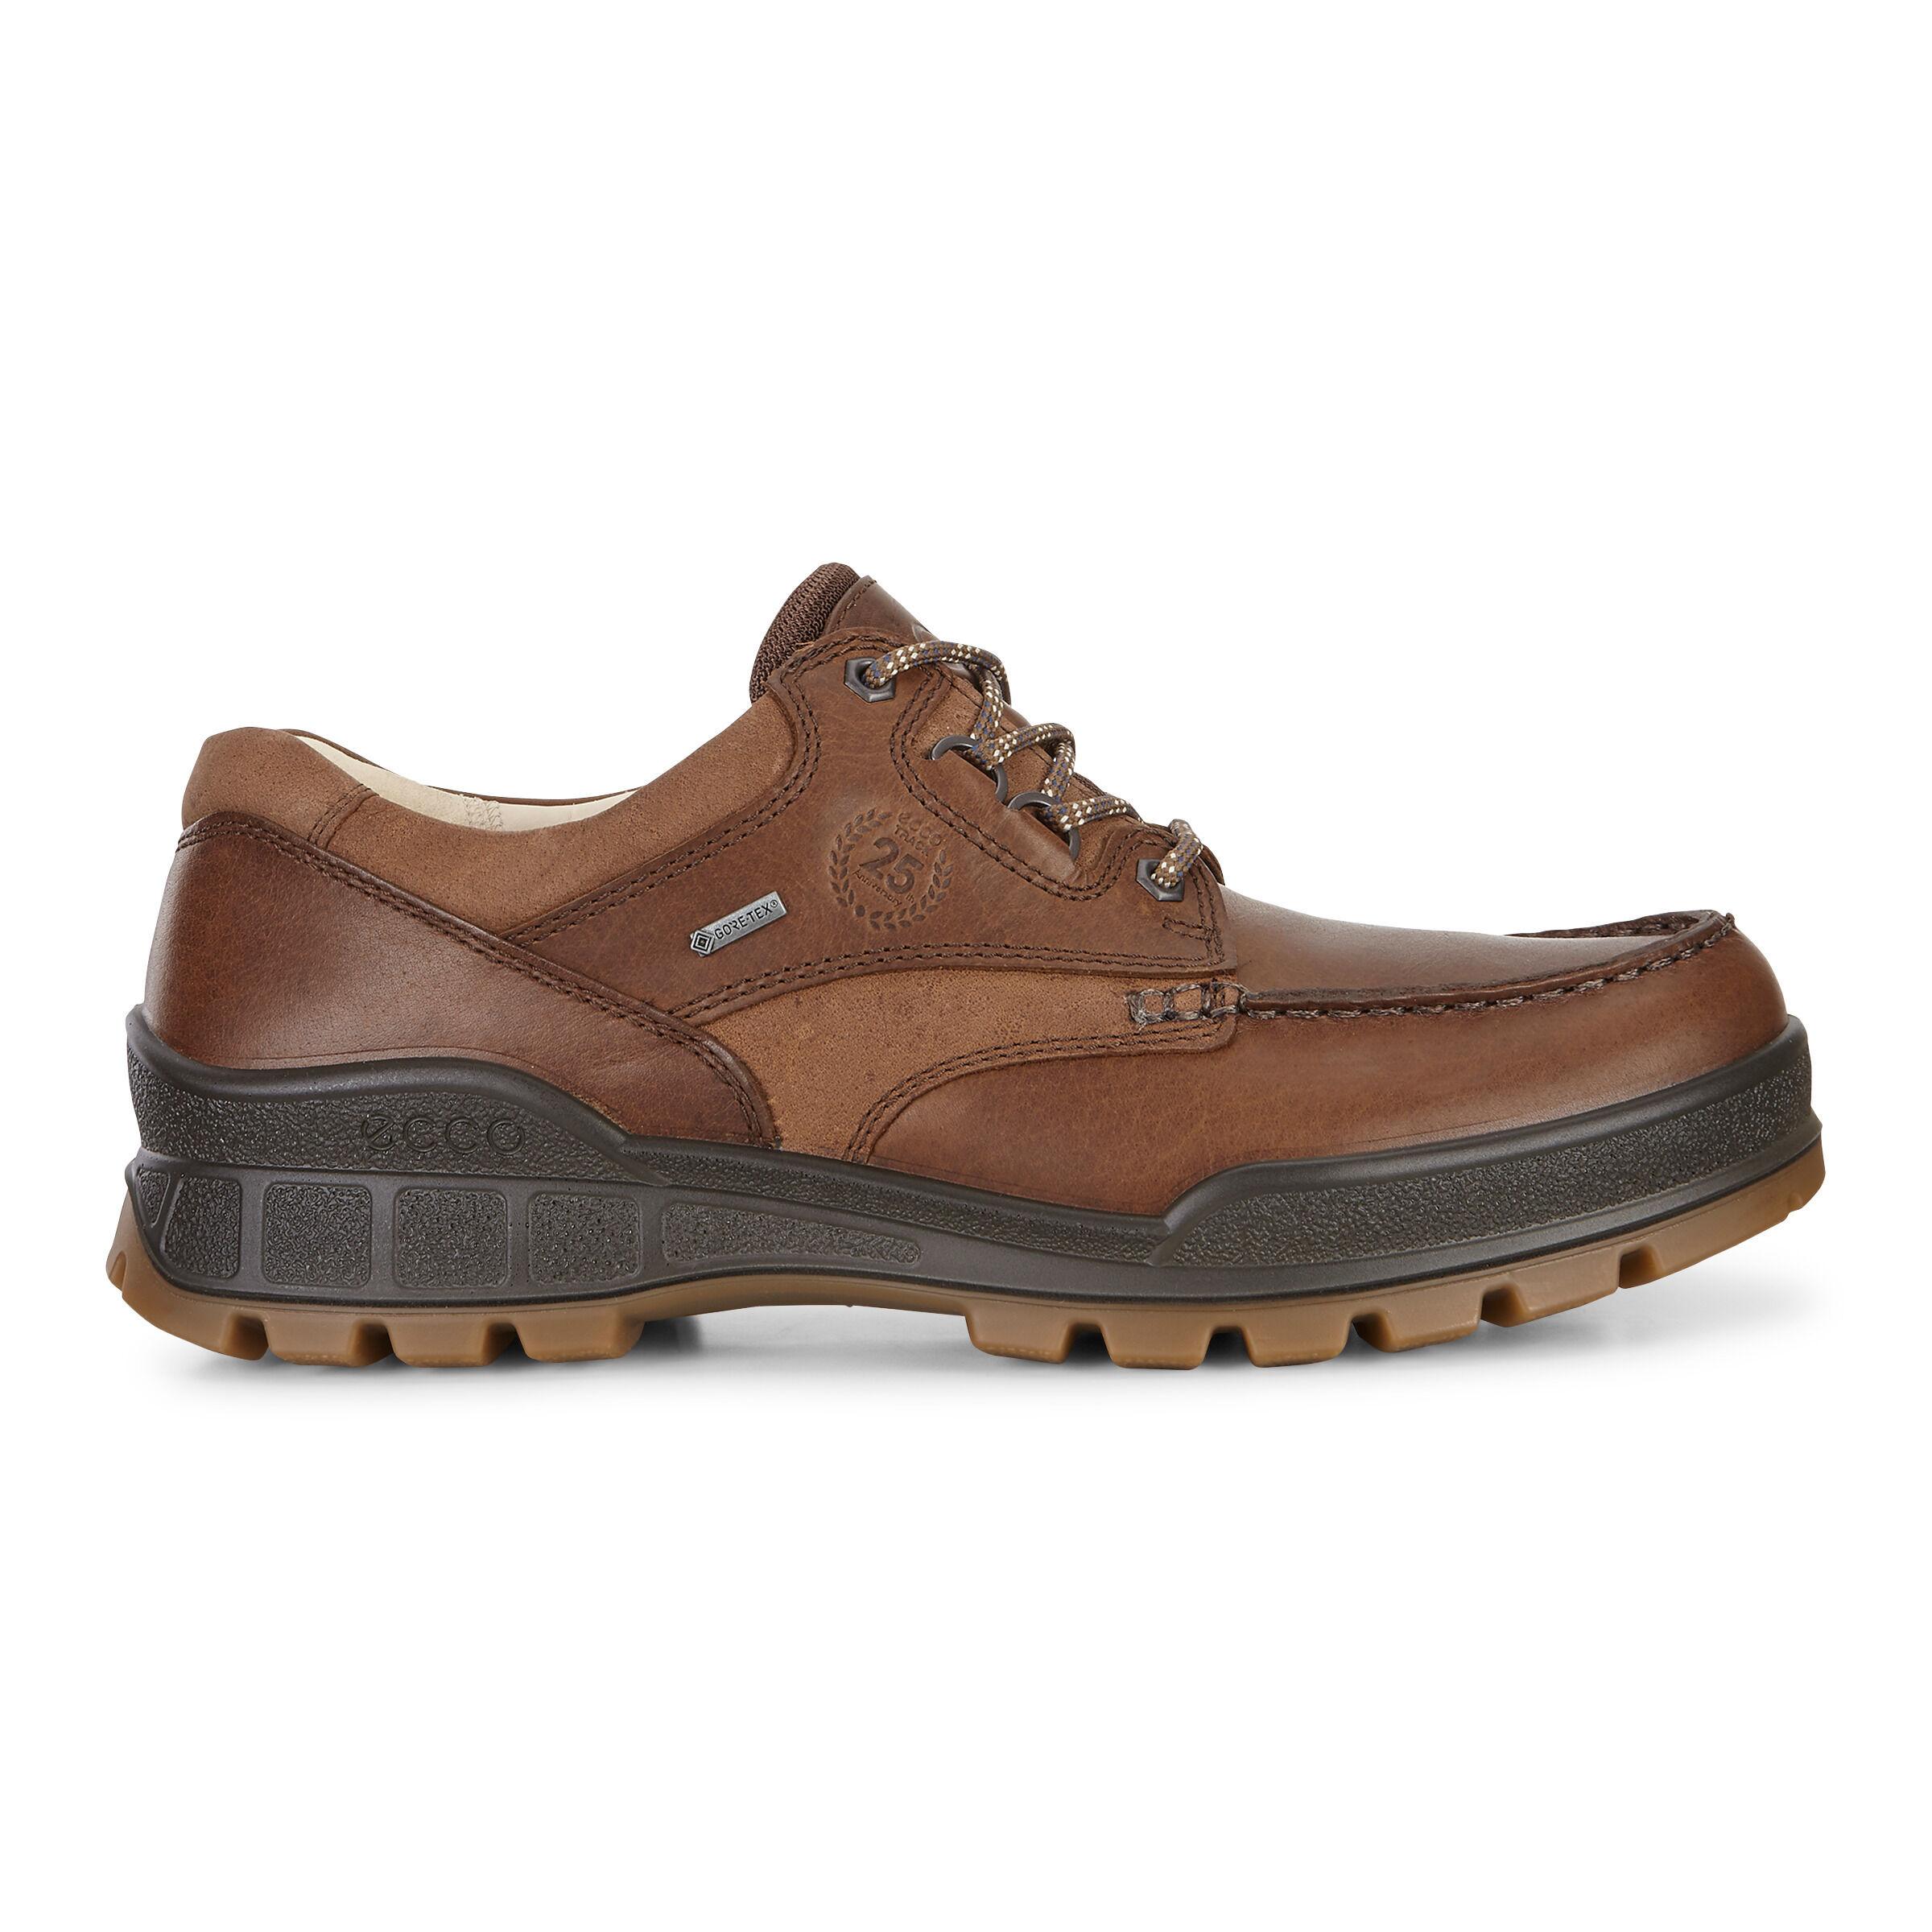 Men's Casual Shoes   ECCO? Shoes